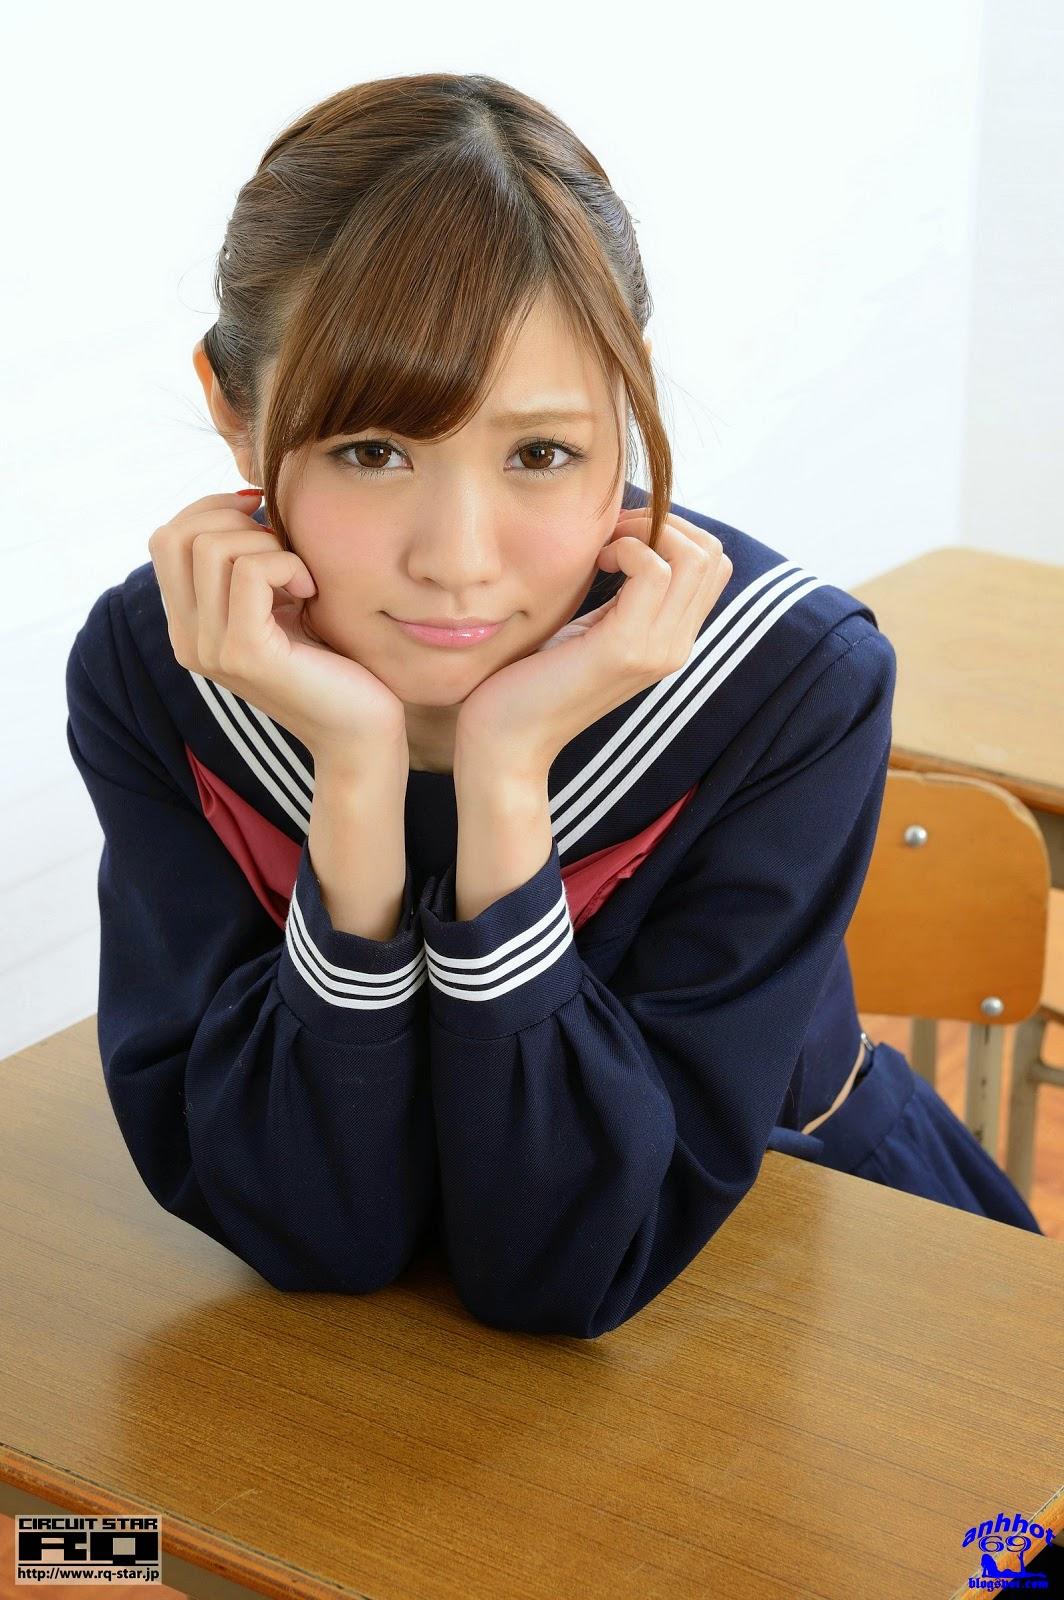 haruka-kanzaki-02420630